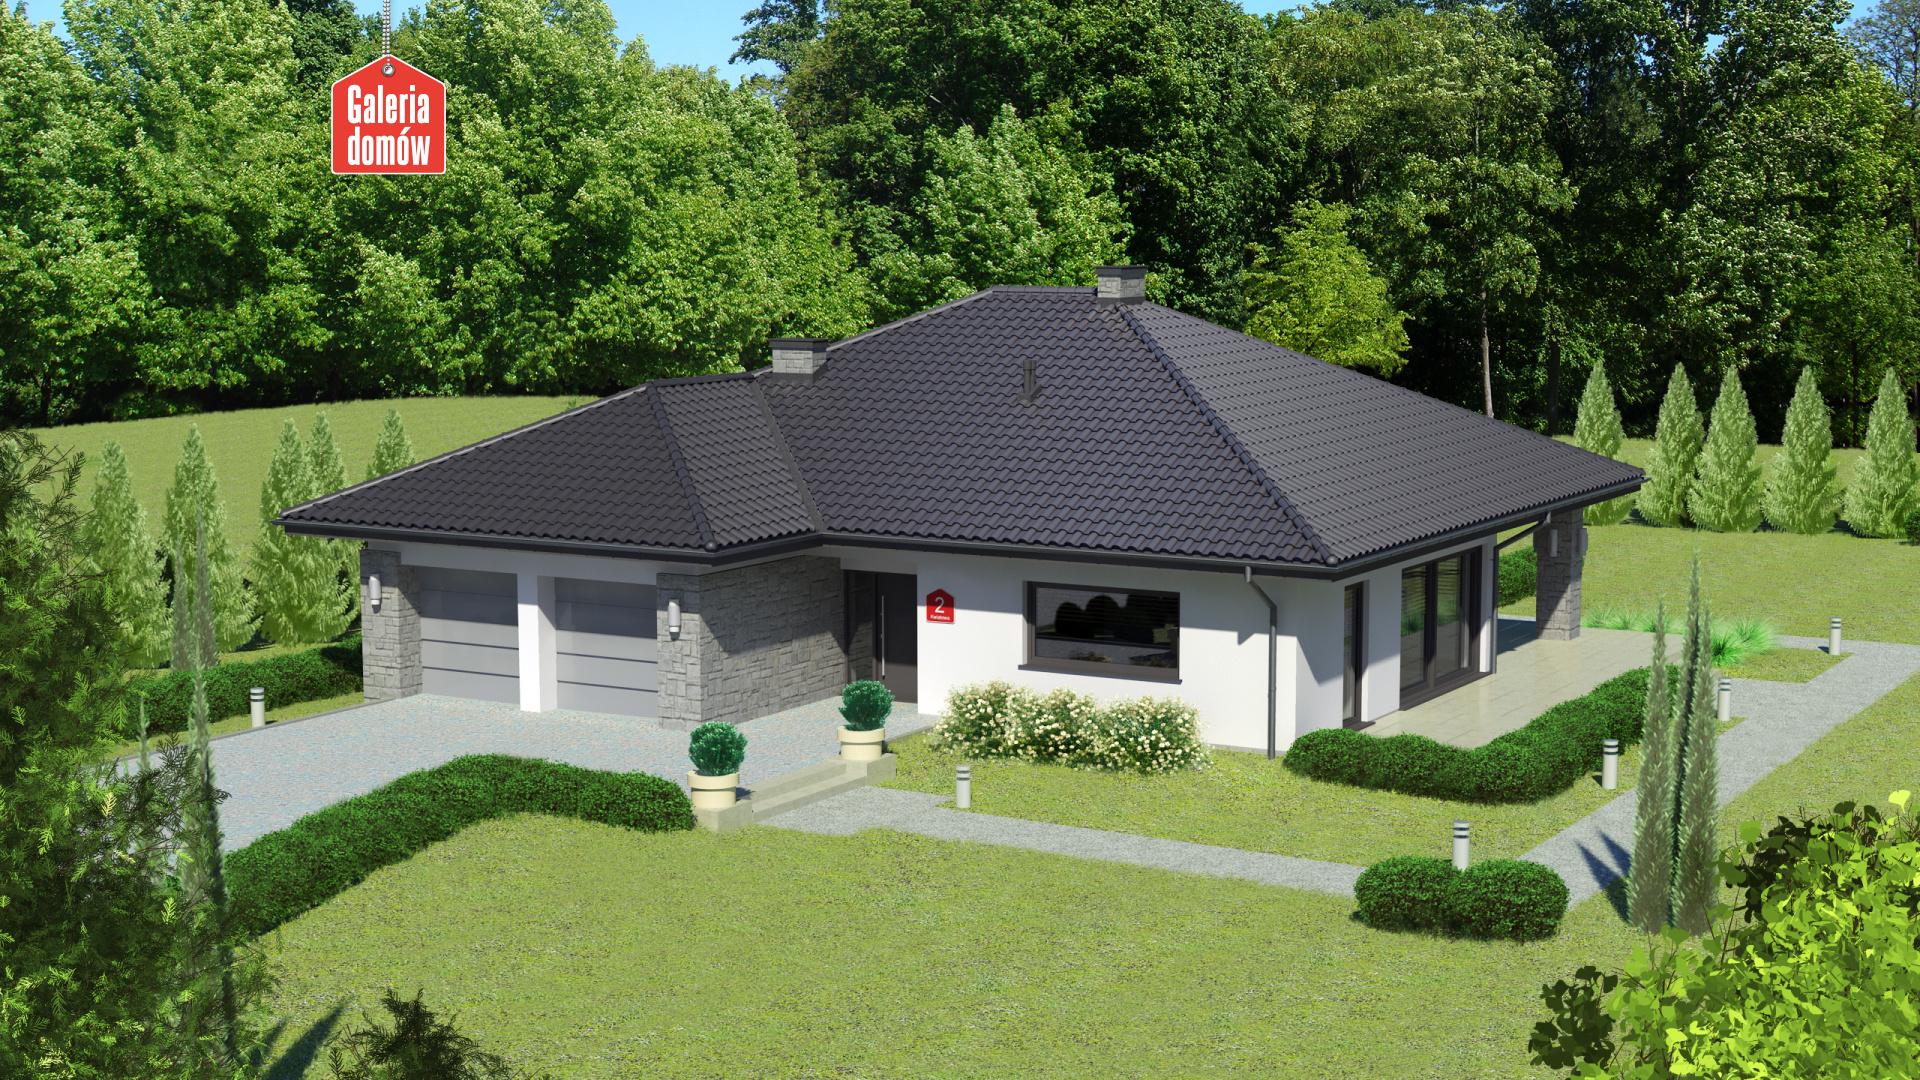 Dom przy Kwiatowej 2 - zdjęcie projektu i wizualizacja